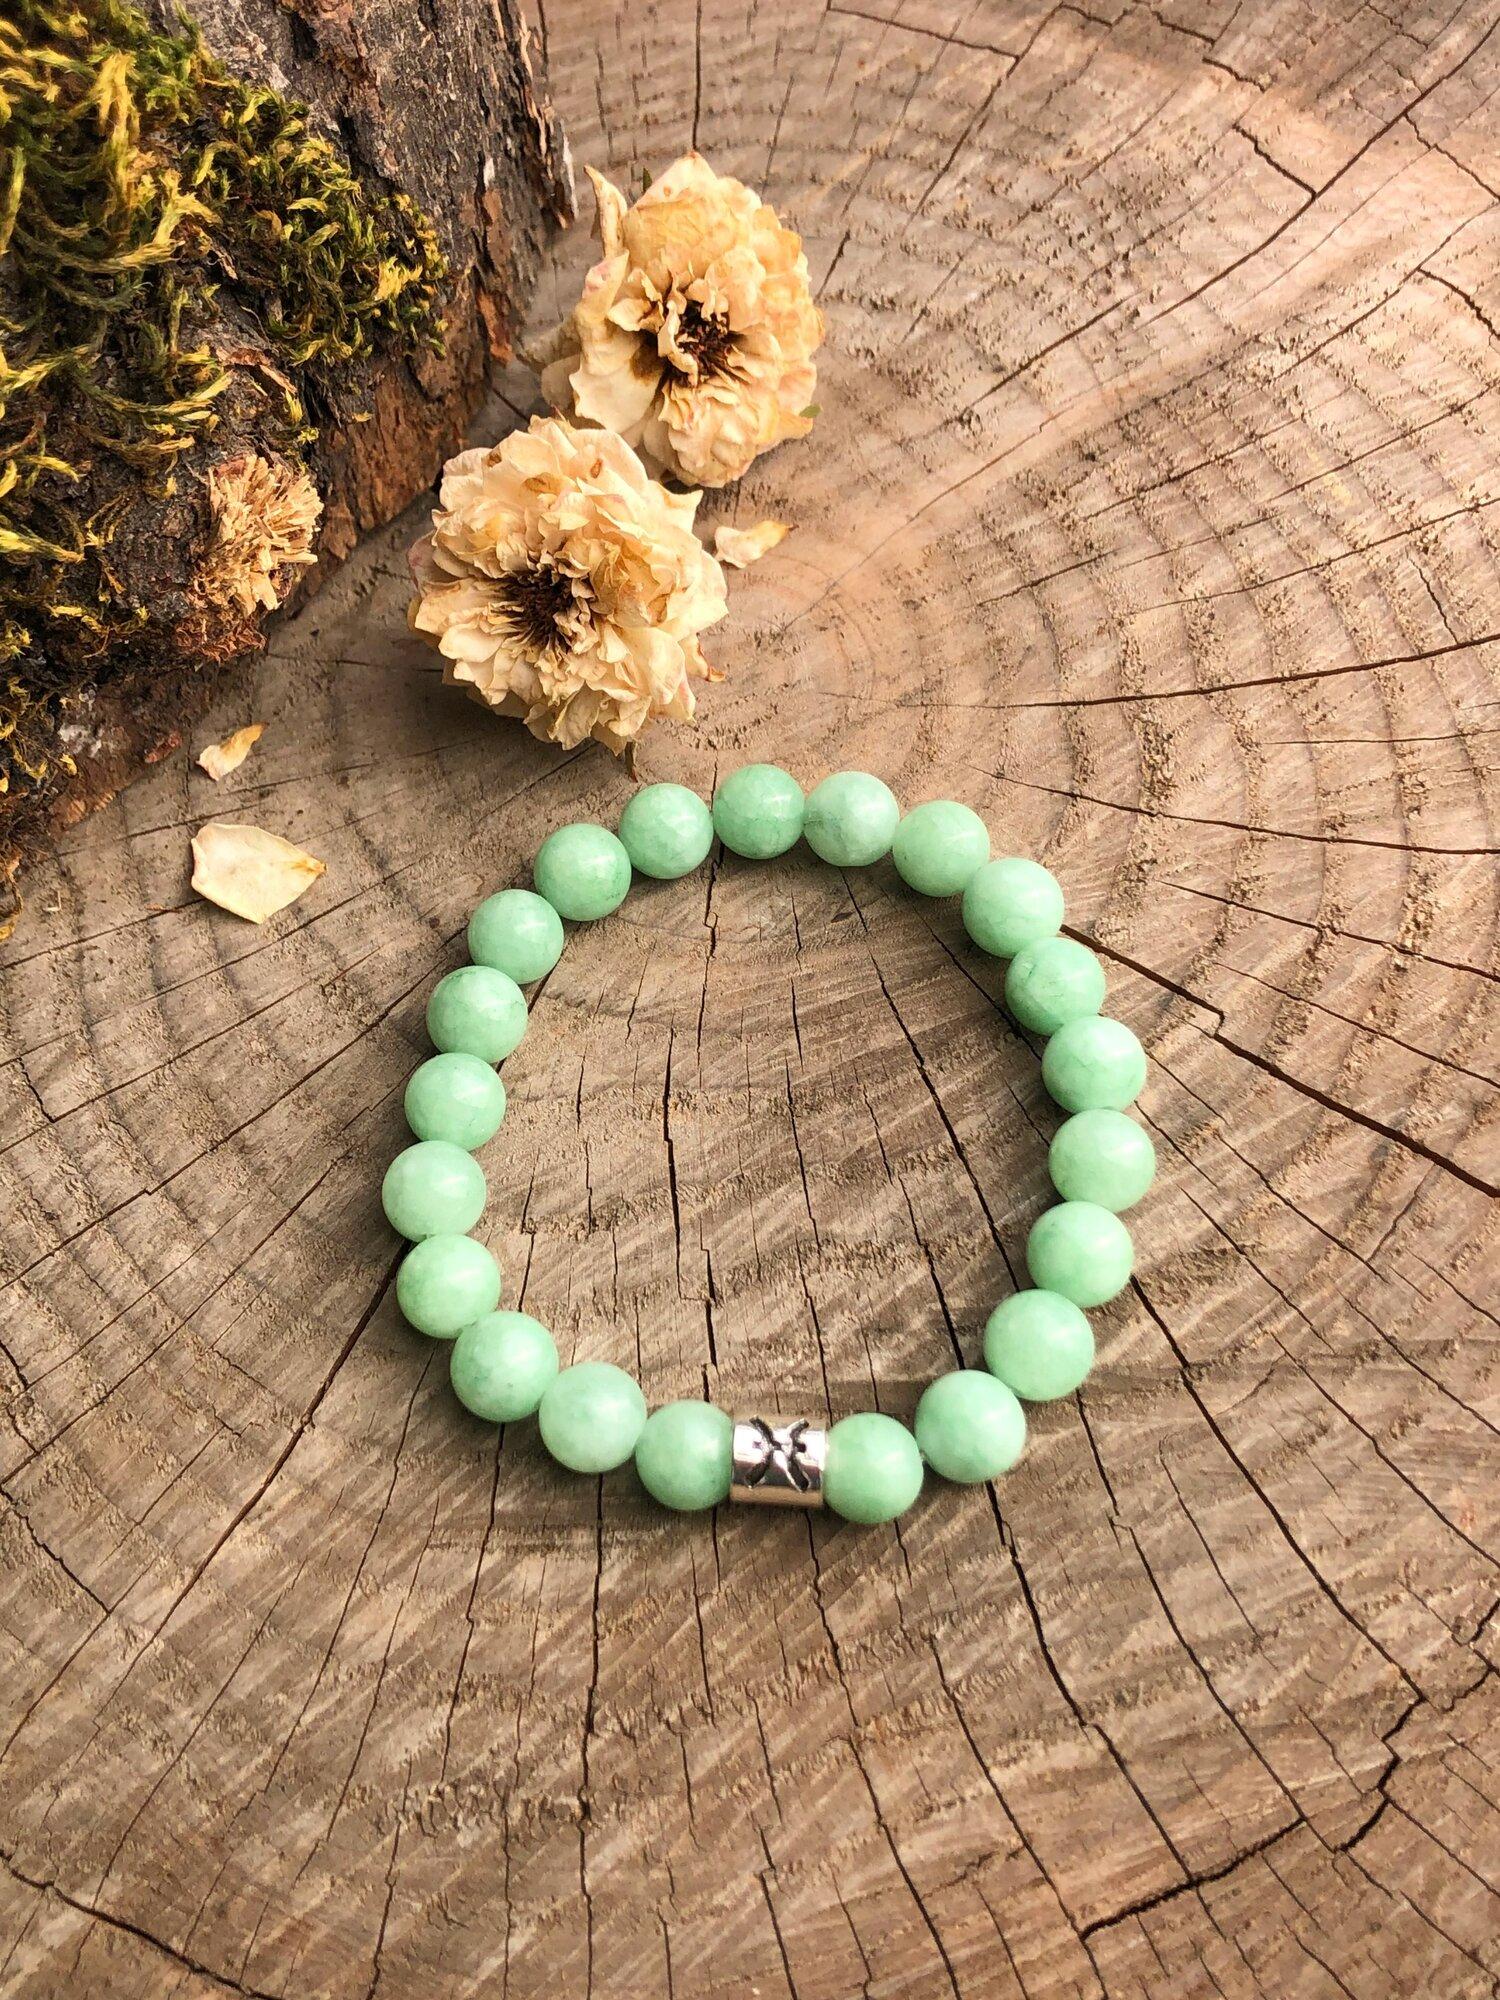 Quartzite bracelet Quartzite green gemstones Quartzite bracelet and earrings green bracelet, Mint green bracelet Quartzite earrings